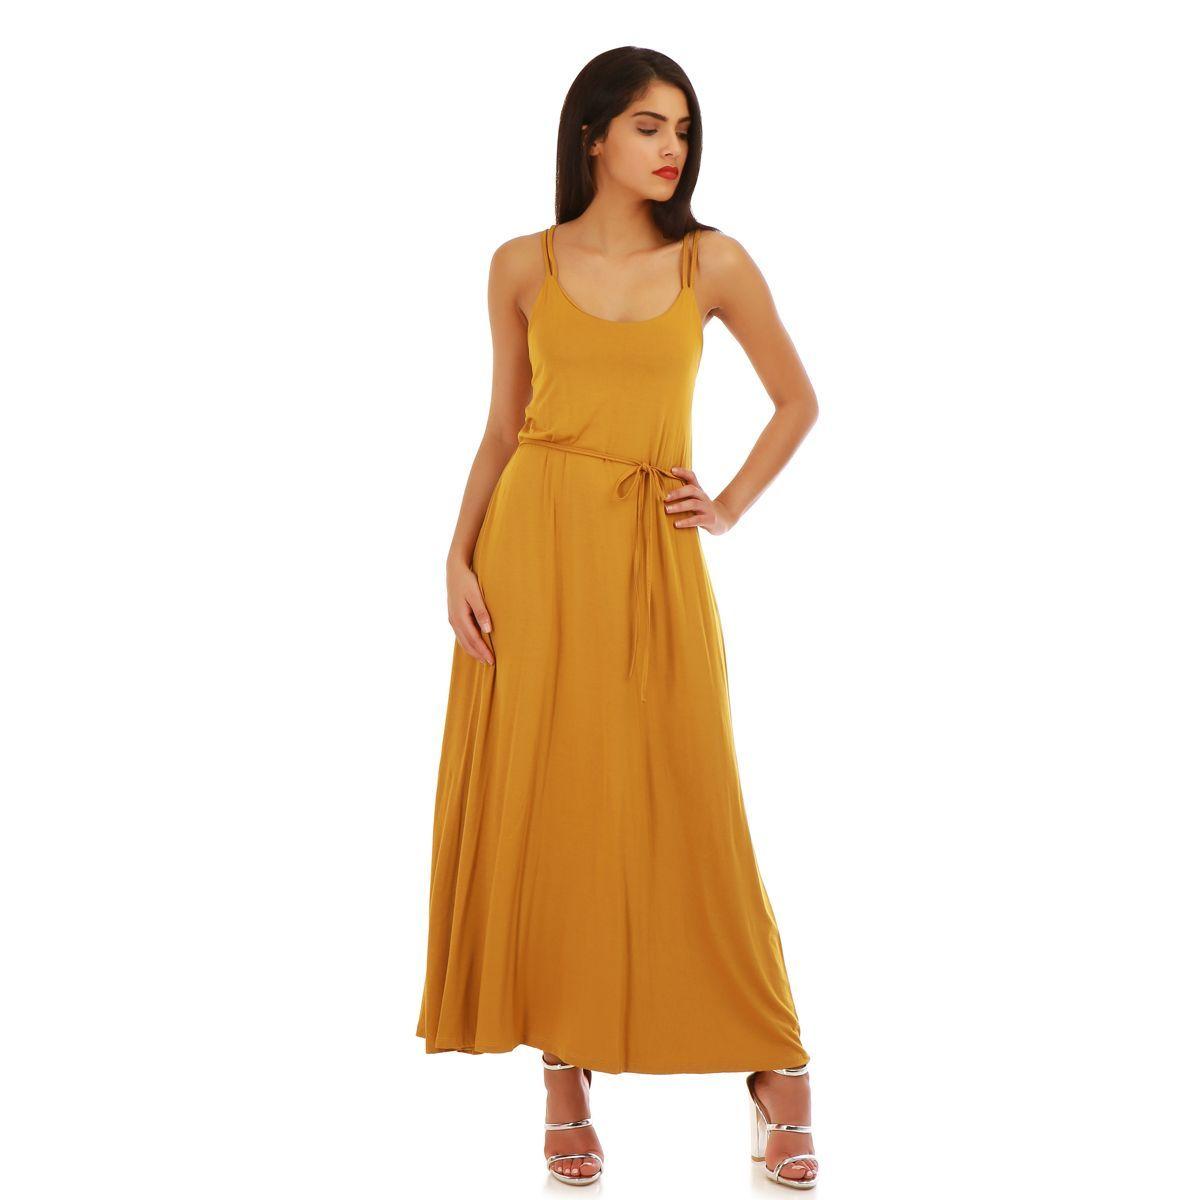 e048ee580a3 Robe jaune longue et fluide femme pas cher la modeuse  jaune ...